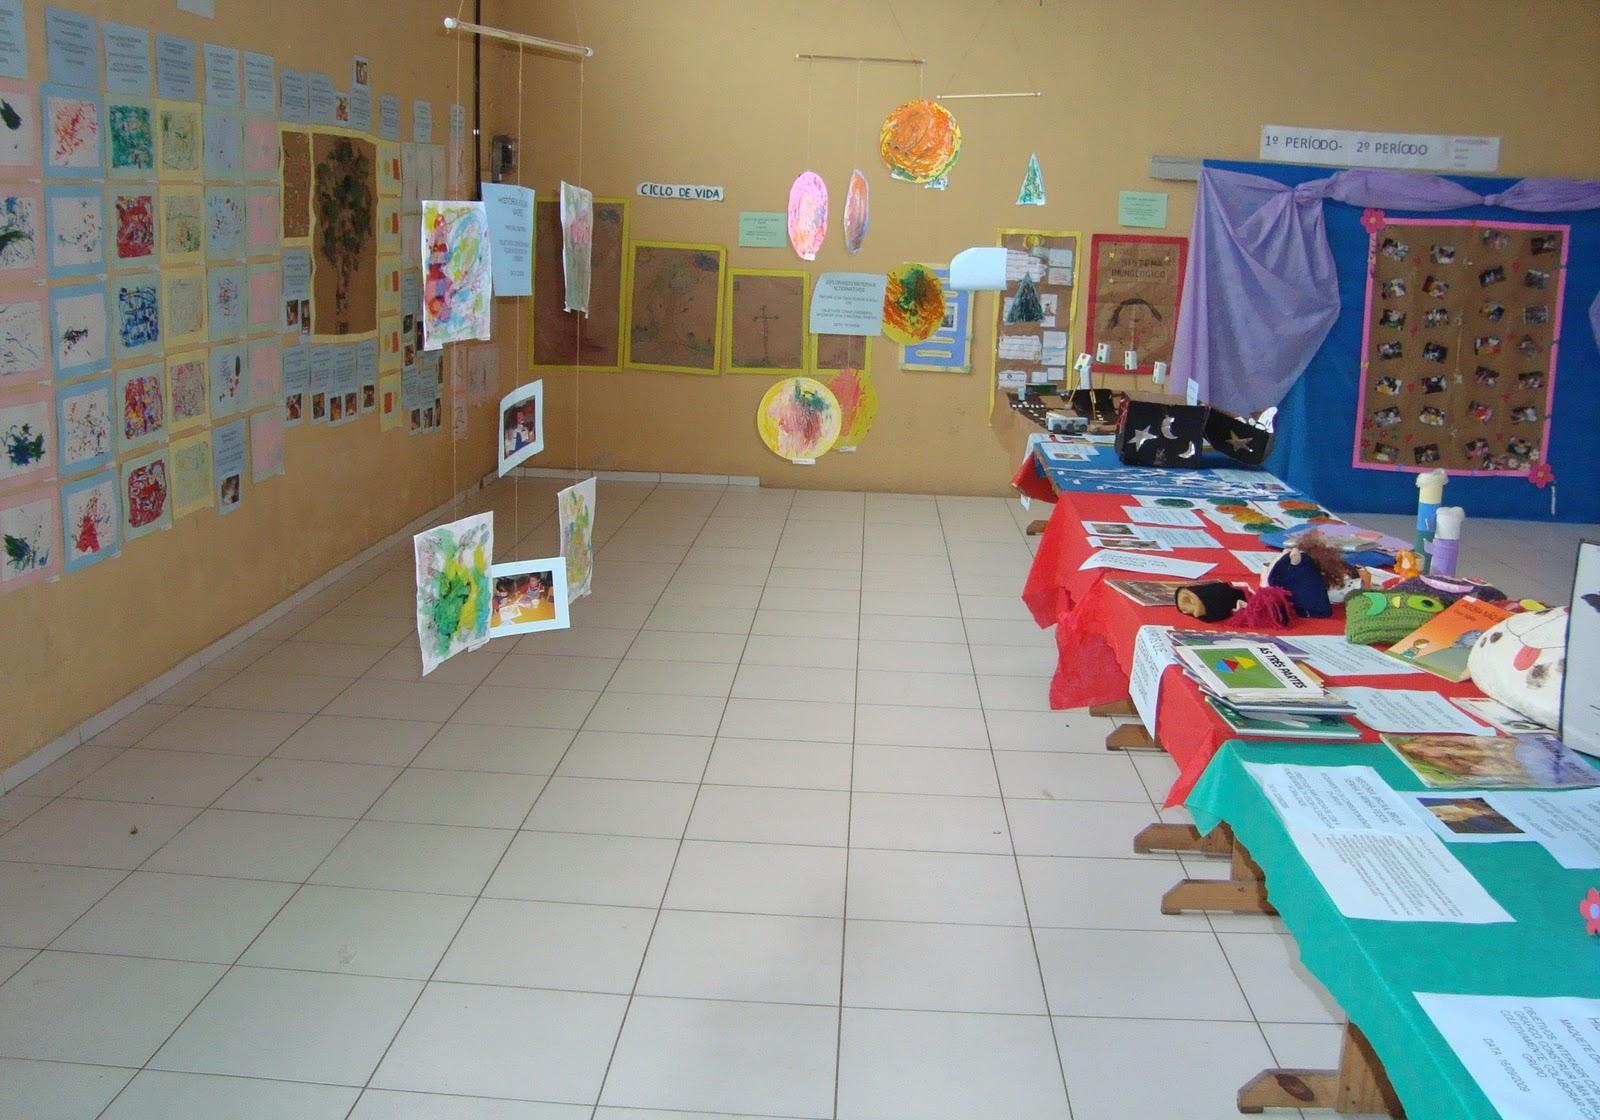 Preferência Educação Infantil Um mundo a descobrir: Exposição pedagógica das  AM07